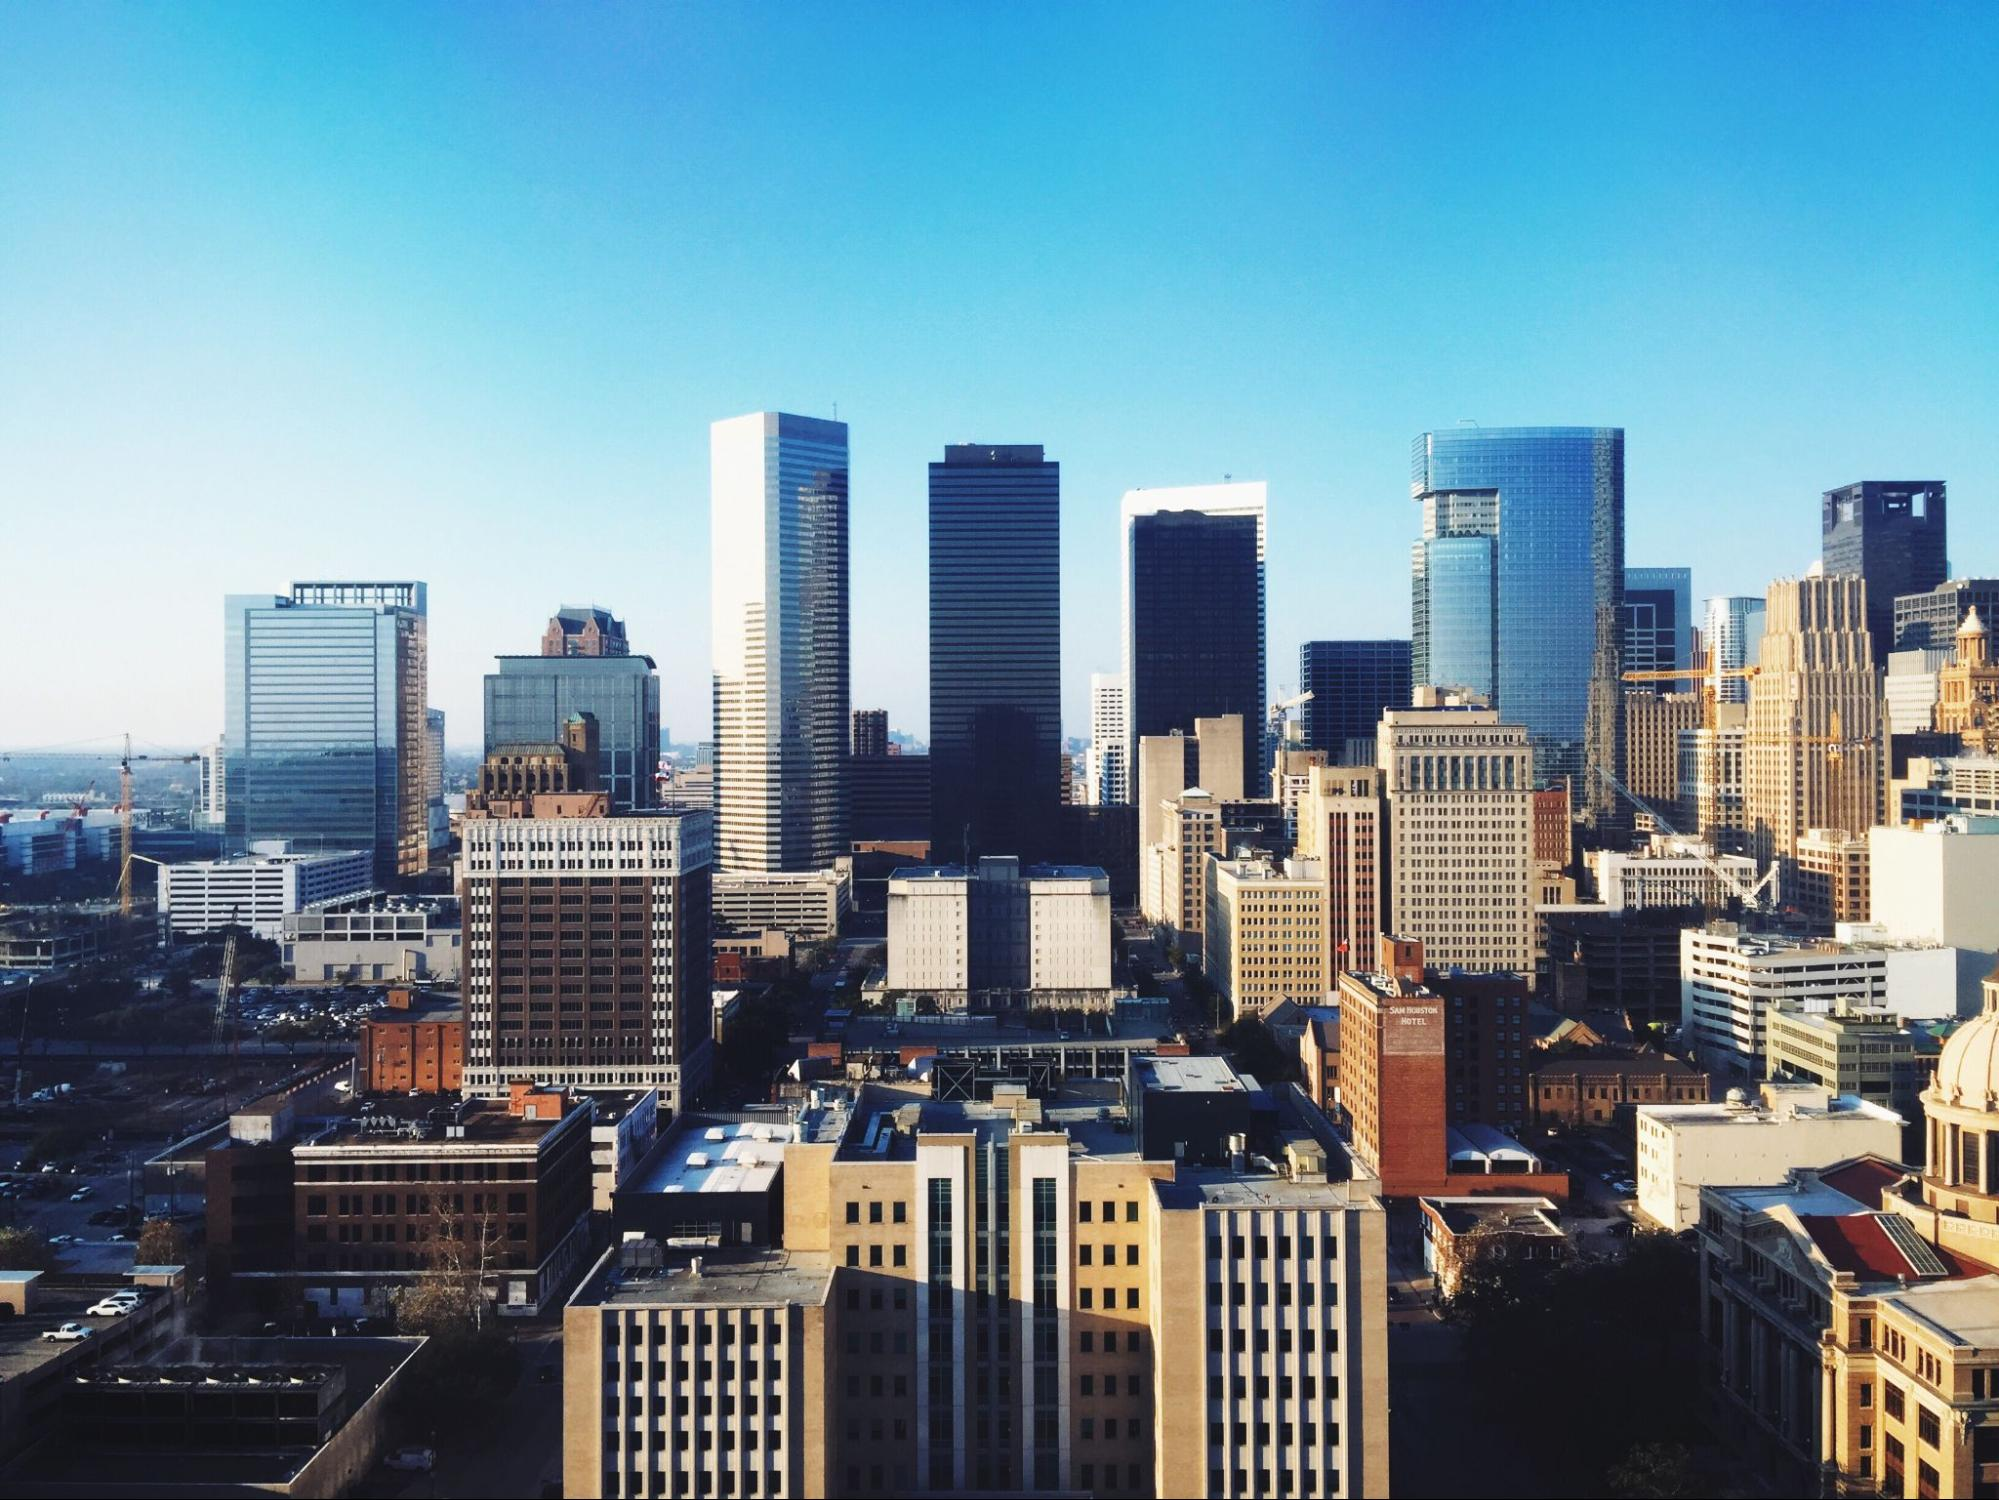 Skyline view of Houston, Texas